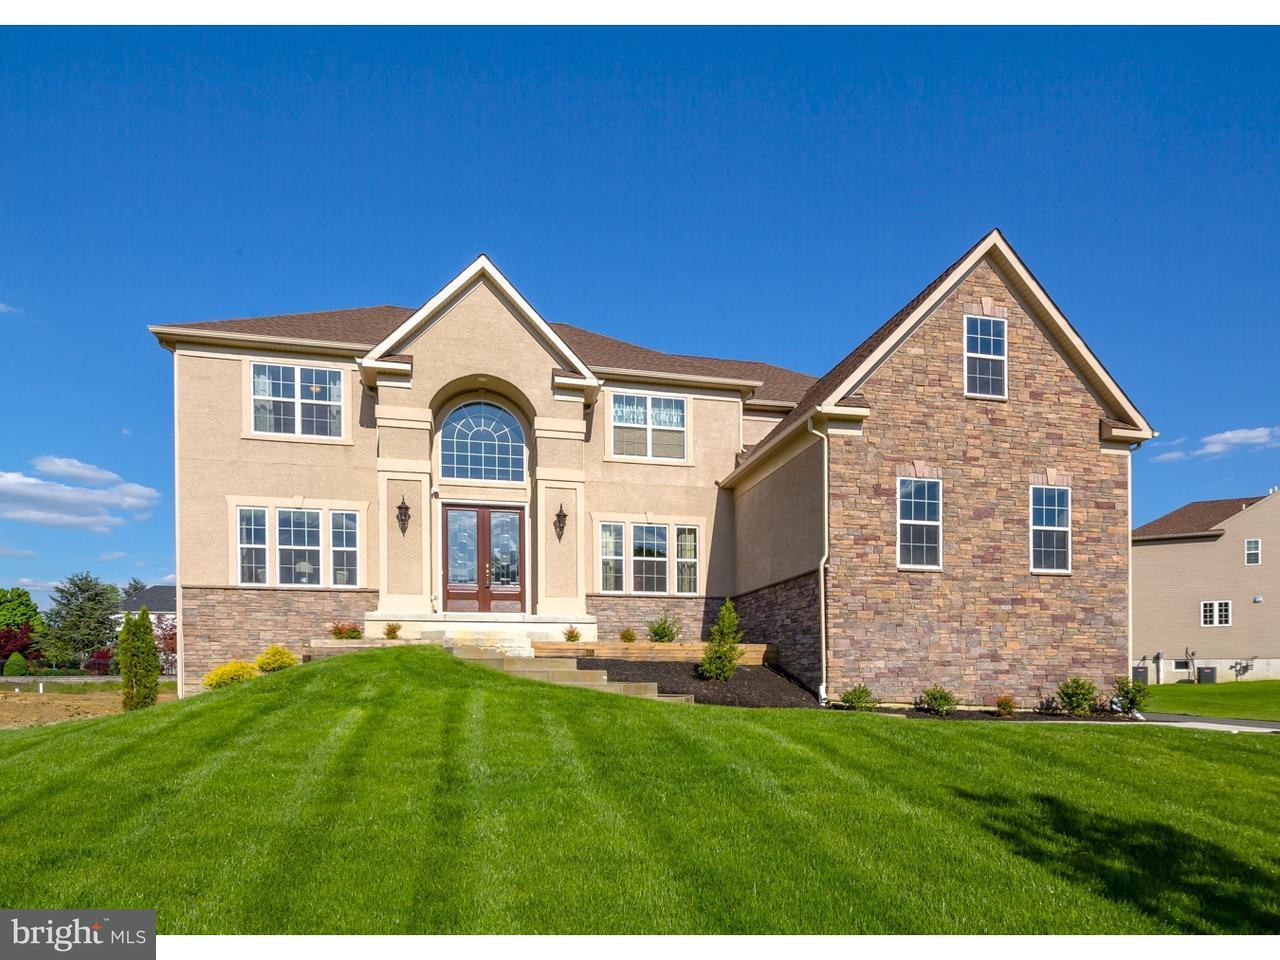 独户住宅 为 销售 在 25 WELLESLEY WAY Evesham Twp, 新泽西州 08053 美国